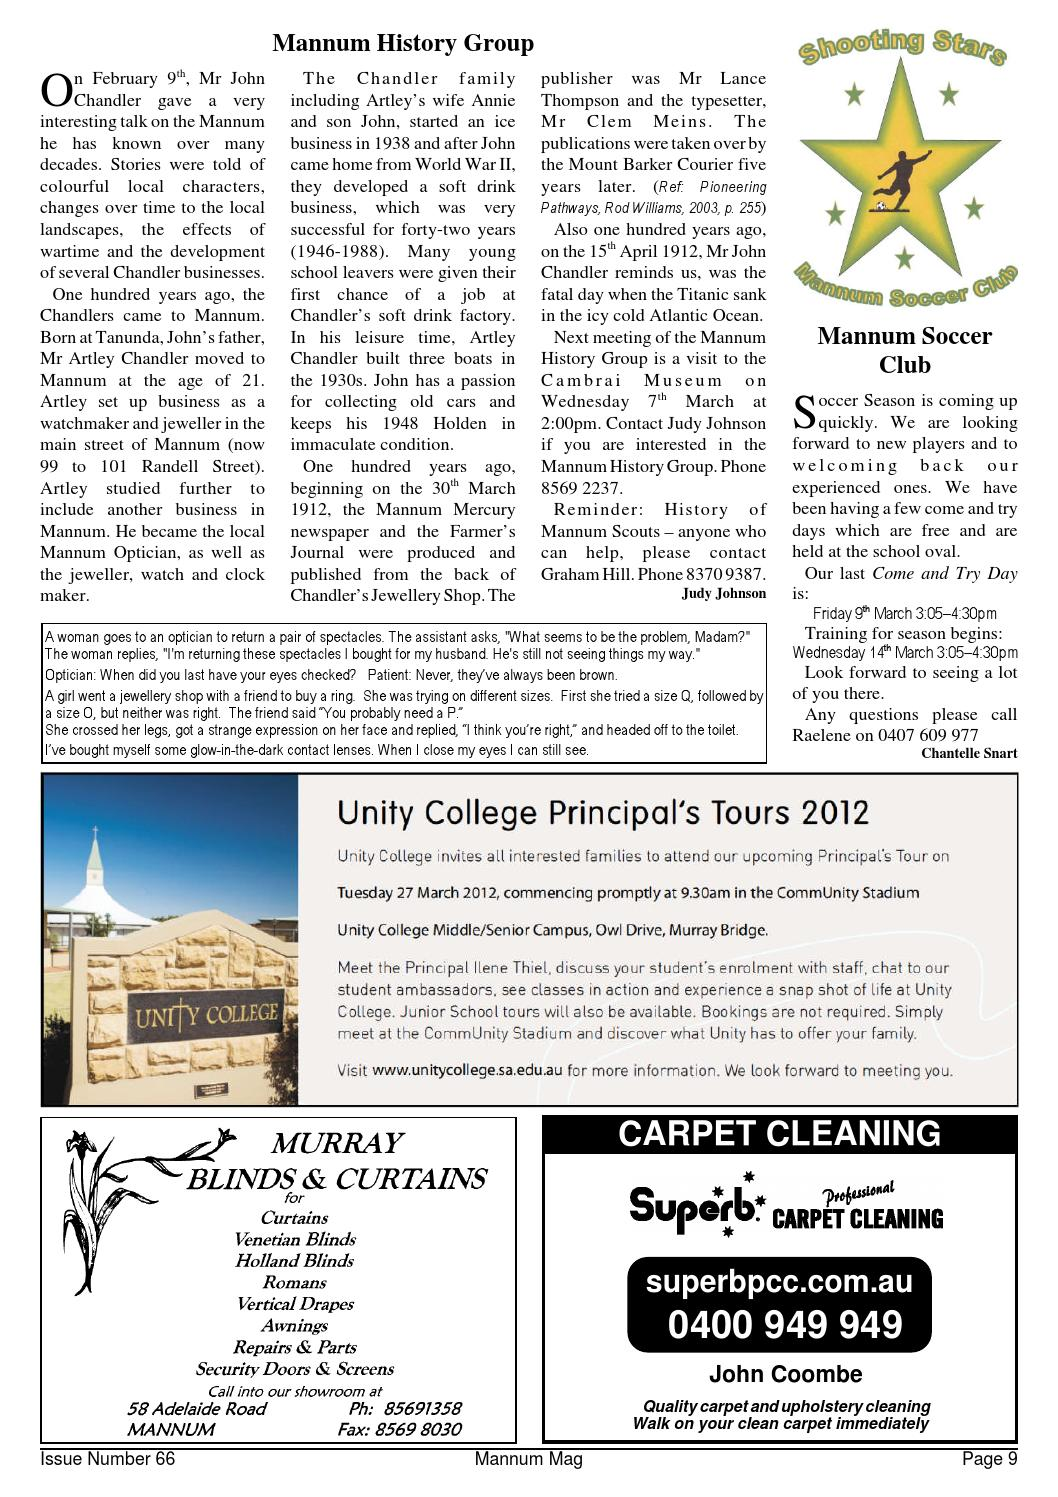 Mannum Mag Issue 66 March 2012 by Mannum Community Magazine